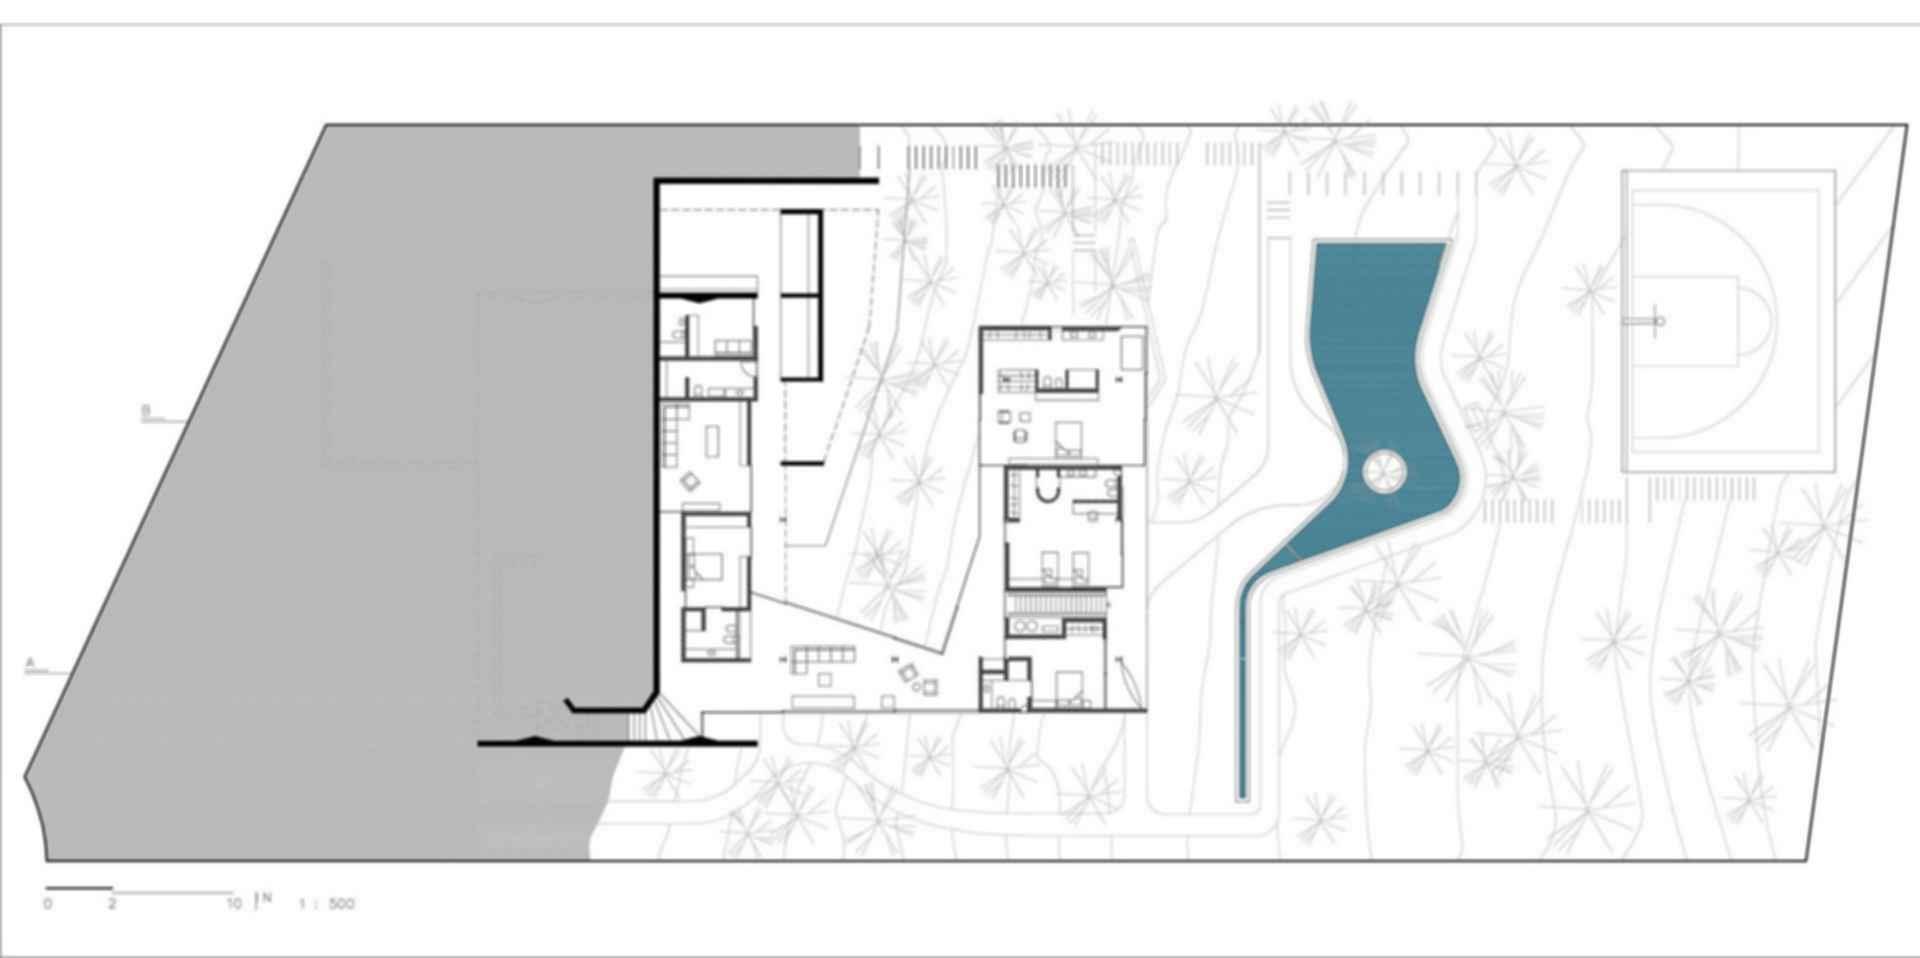 LLM House - Floor Plan